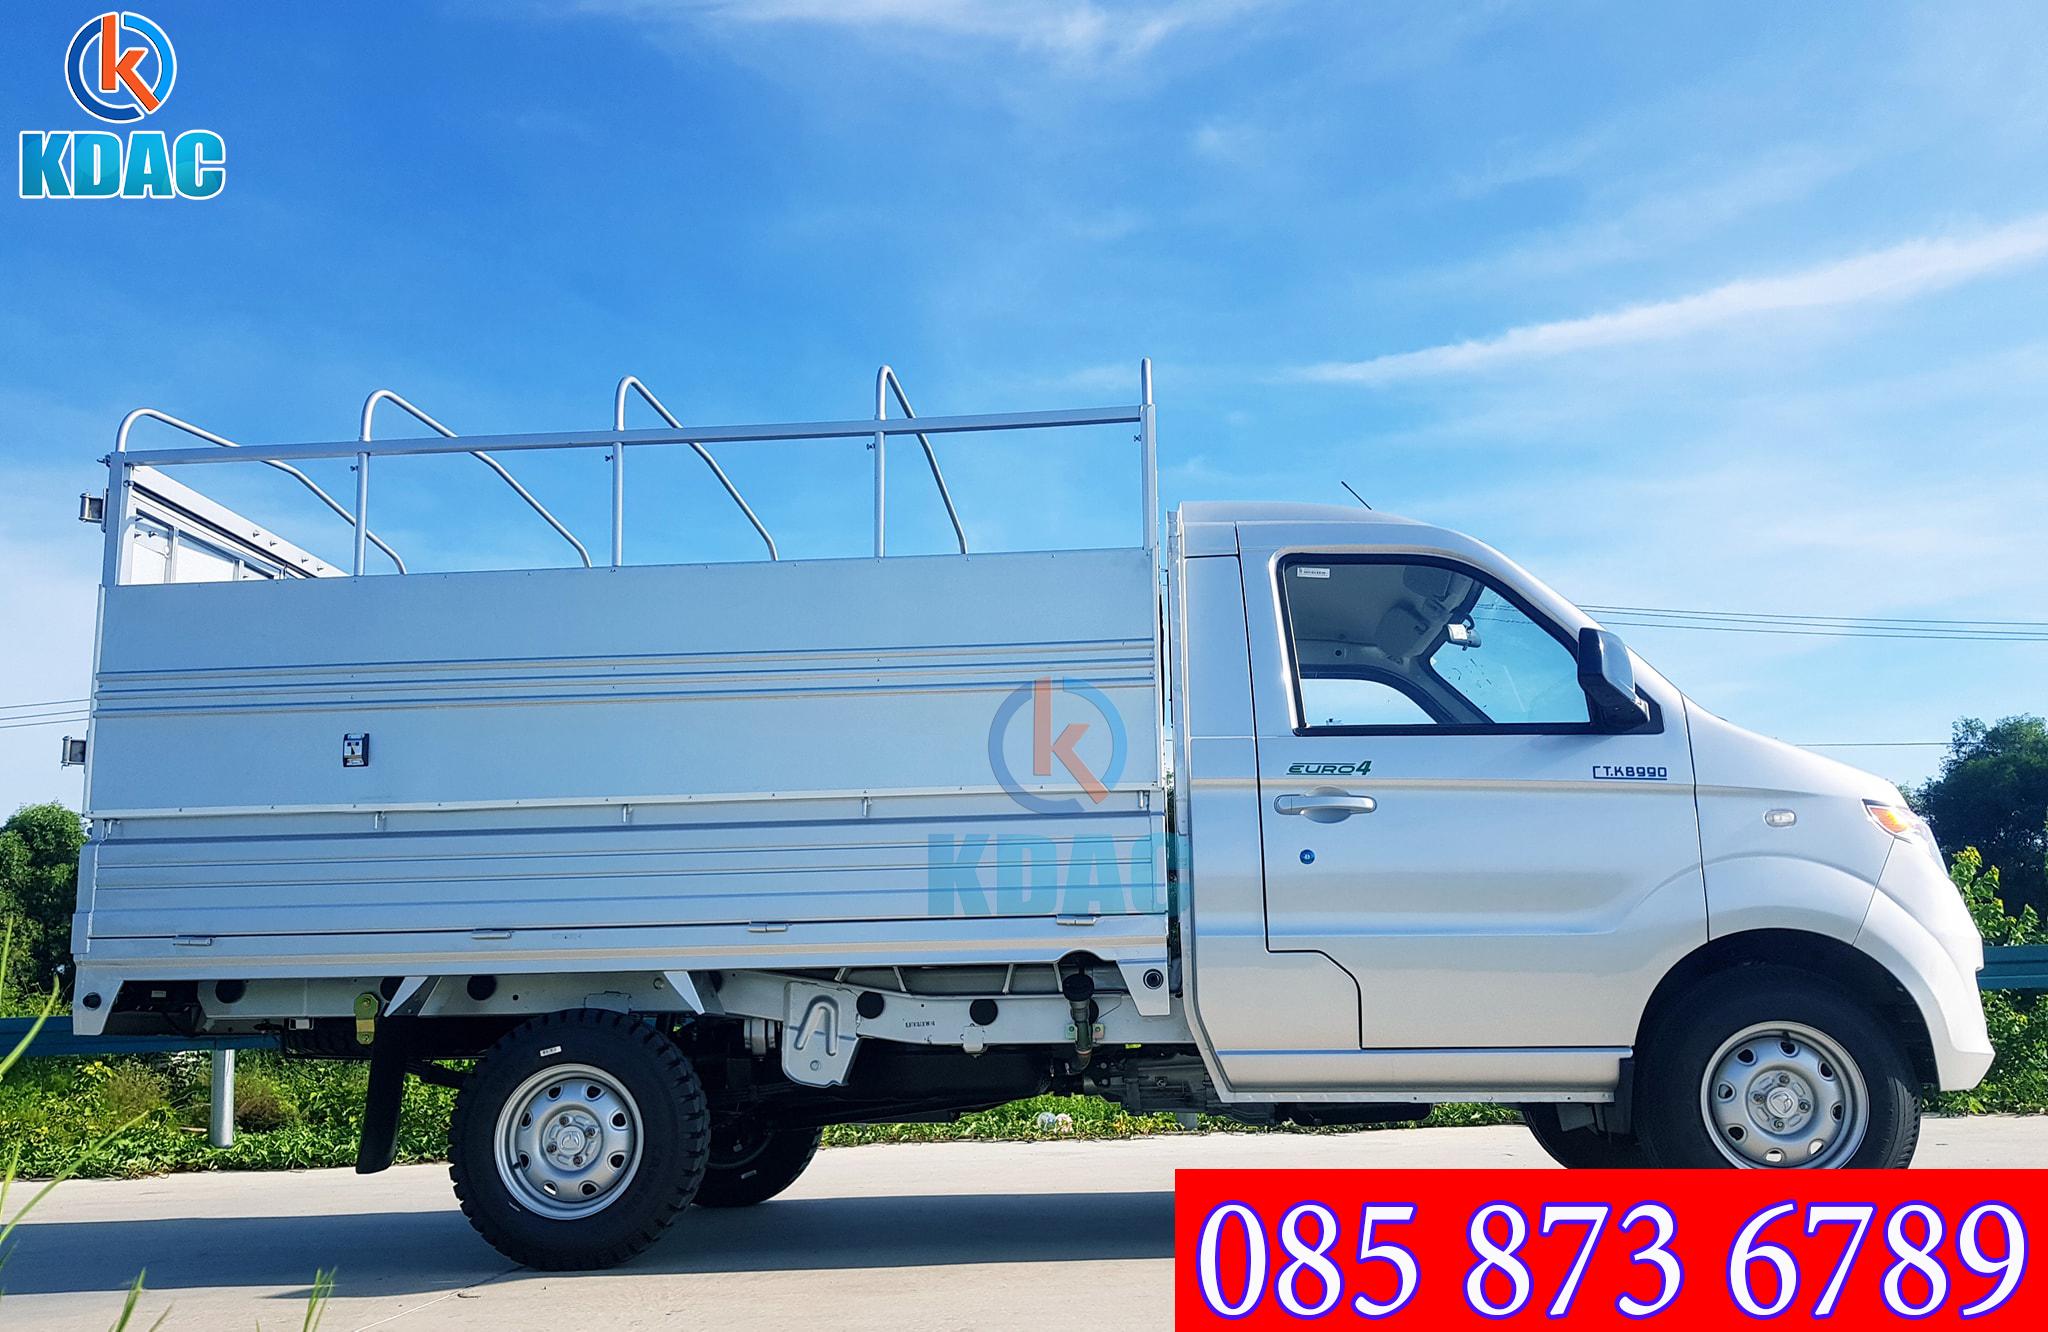 Chợ ôtô: Ô Tô Á Châu - Cần bán xe tải kenbo giá tốt Hà Nội Cty-9